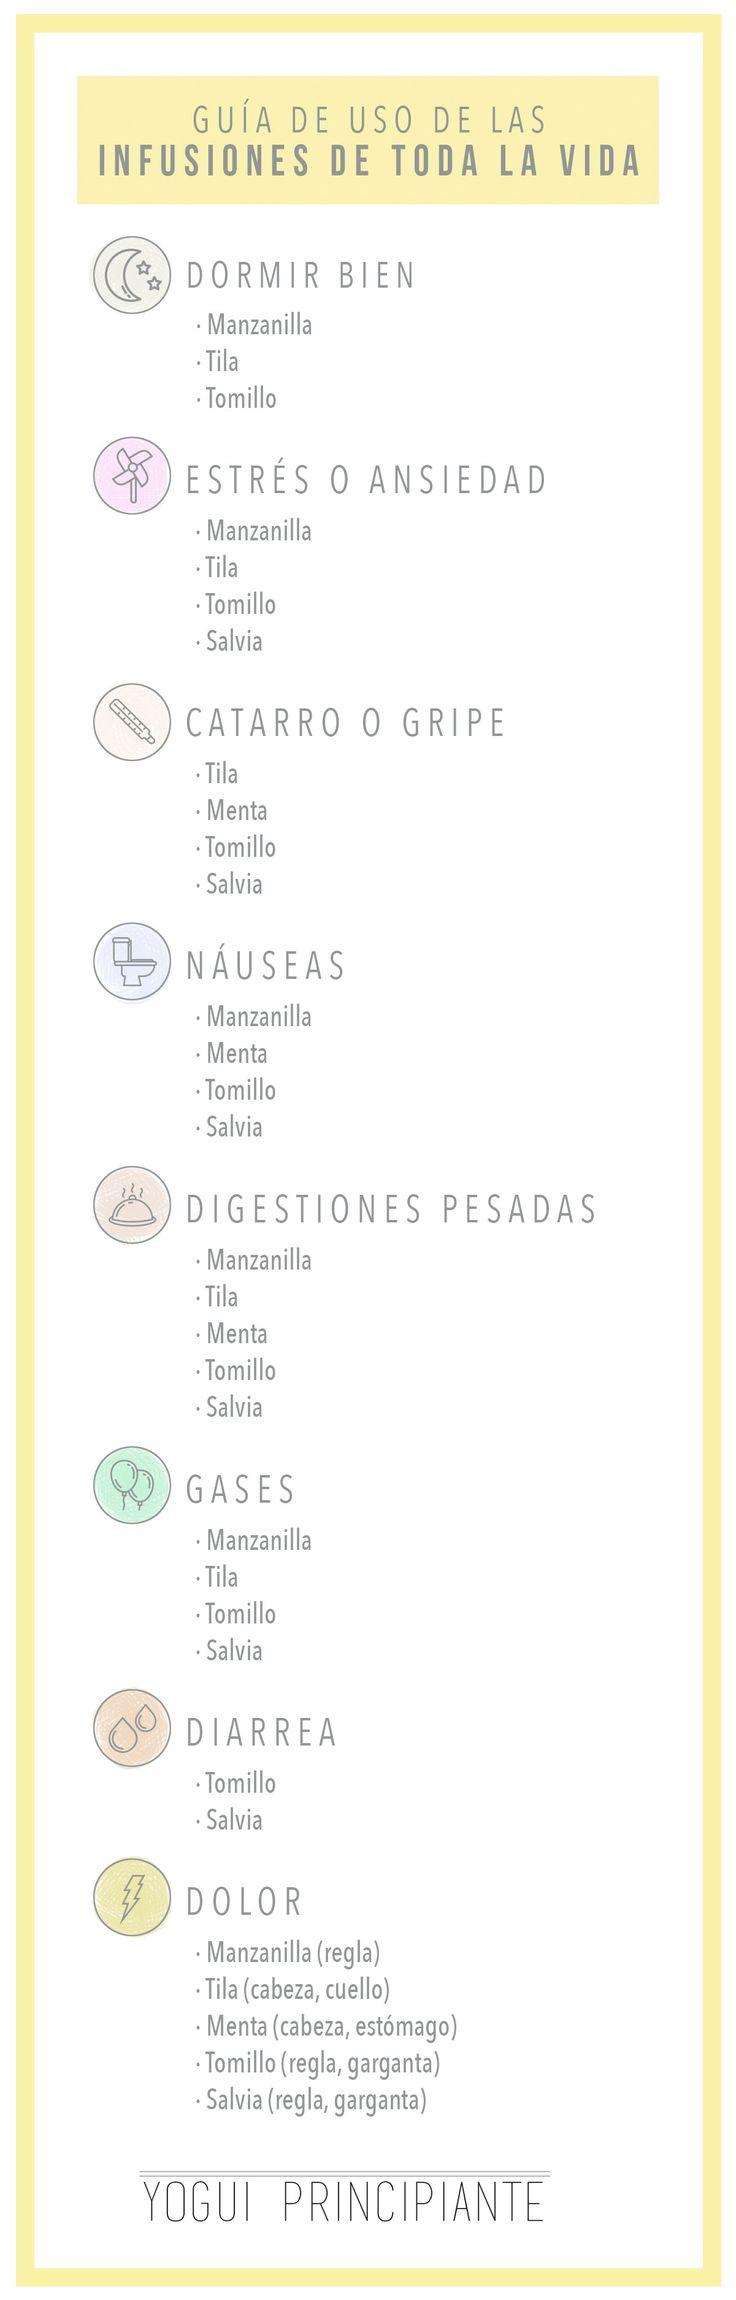 Guía de uso de infusiones de toda la vida. Propied: -Manzanilla, digestiva, antiinflamatoria, antiespasmódica, relajante, emenagoga. -Tila: favorece la sudoración, antiviral y antibacteriana, analgésica, antiespasmódica, sedante, digestiva y carminativa. -Menta: carminativa, antiespasmódica, digestiva, analgésica, antipirética, antiviral, antitusiva. -Tomillo: calmante, estimulante, carminativa, antiséptico, antiespasmódico, emenagogo. -Salvia: relajante, digestiva, antiespasmódica...